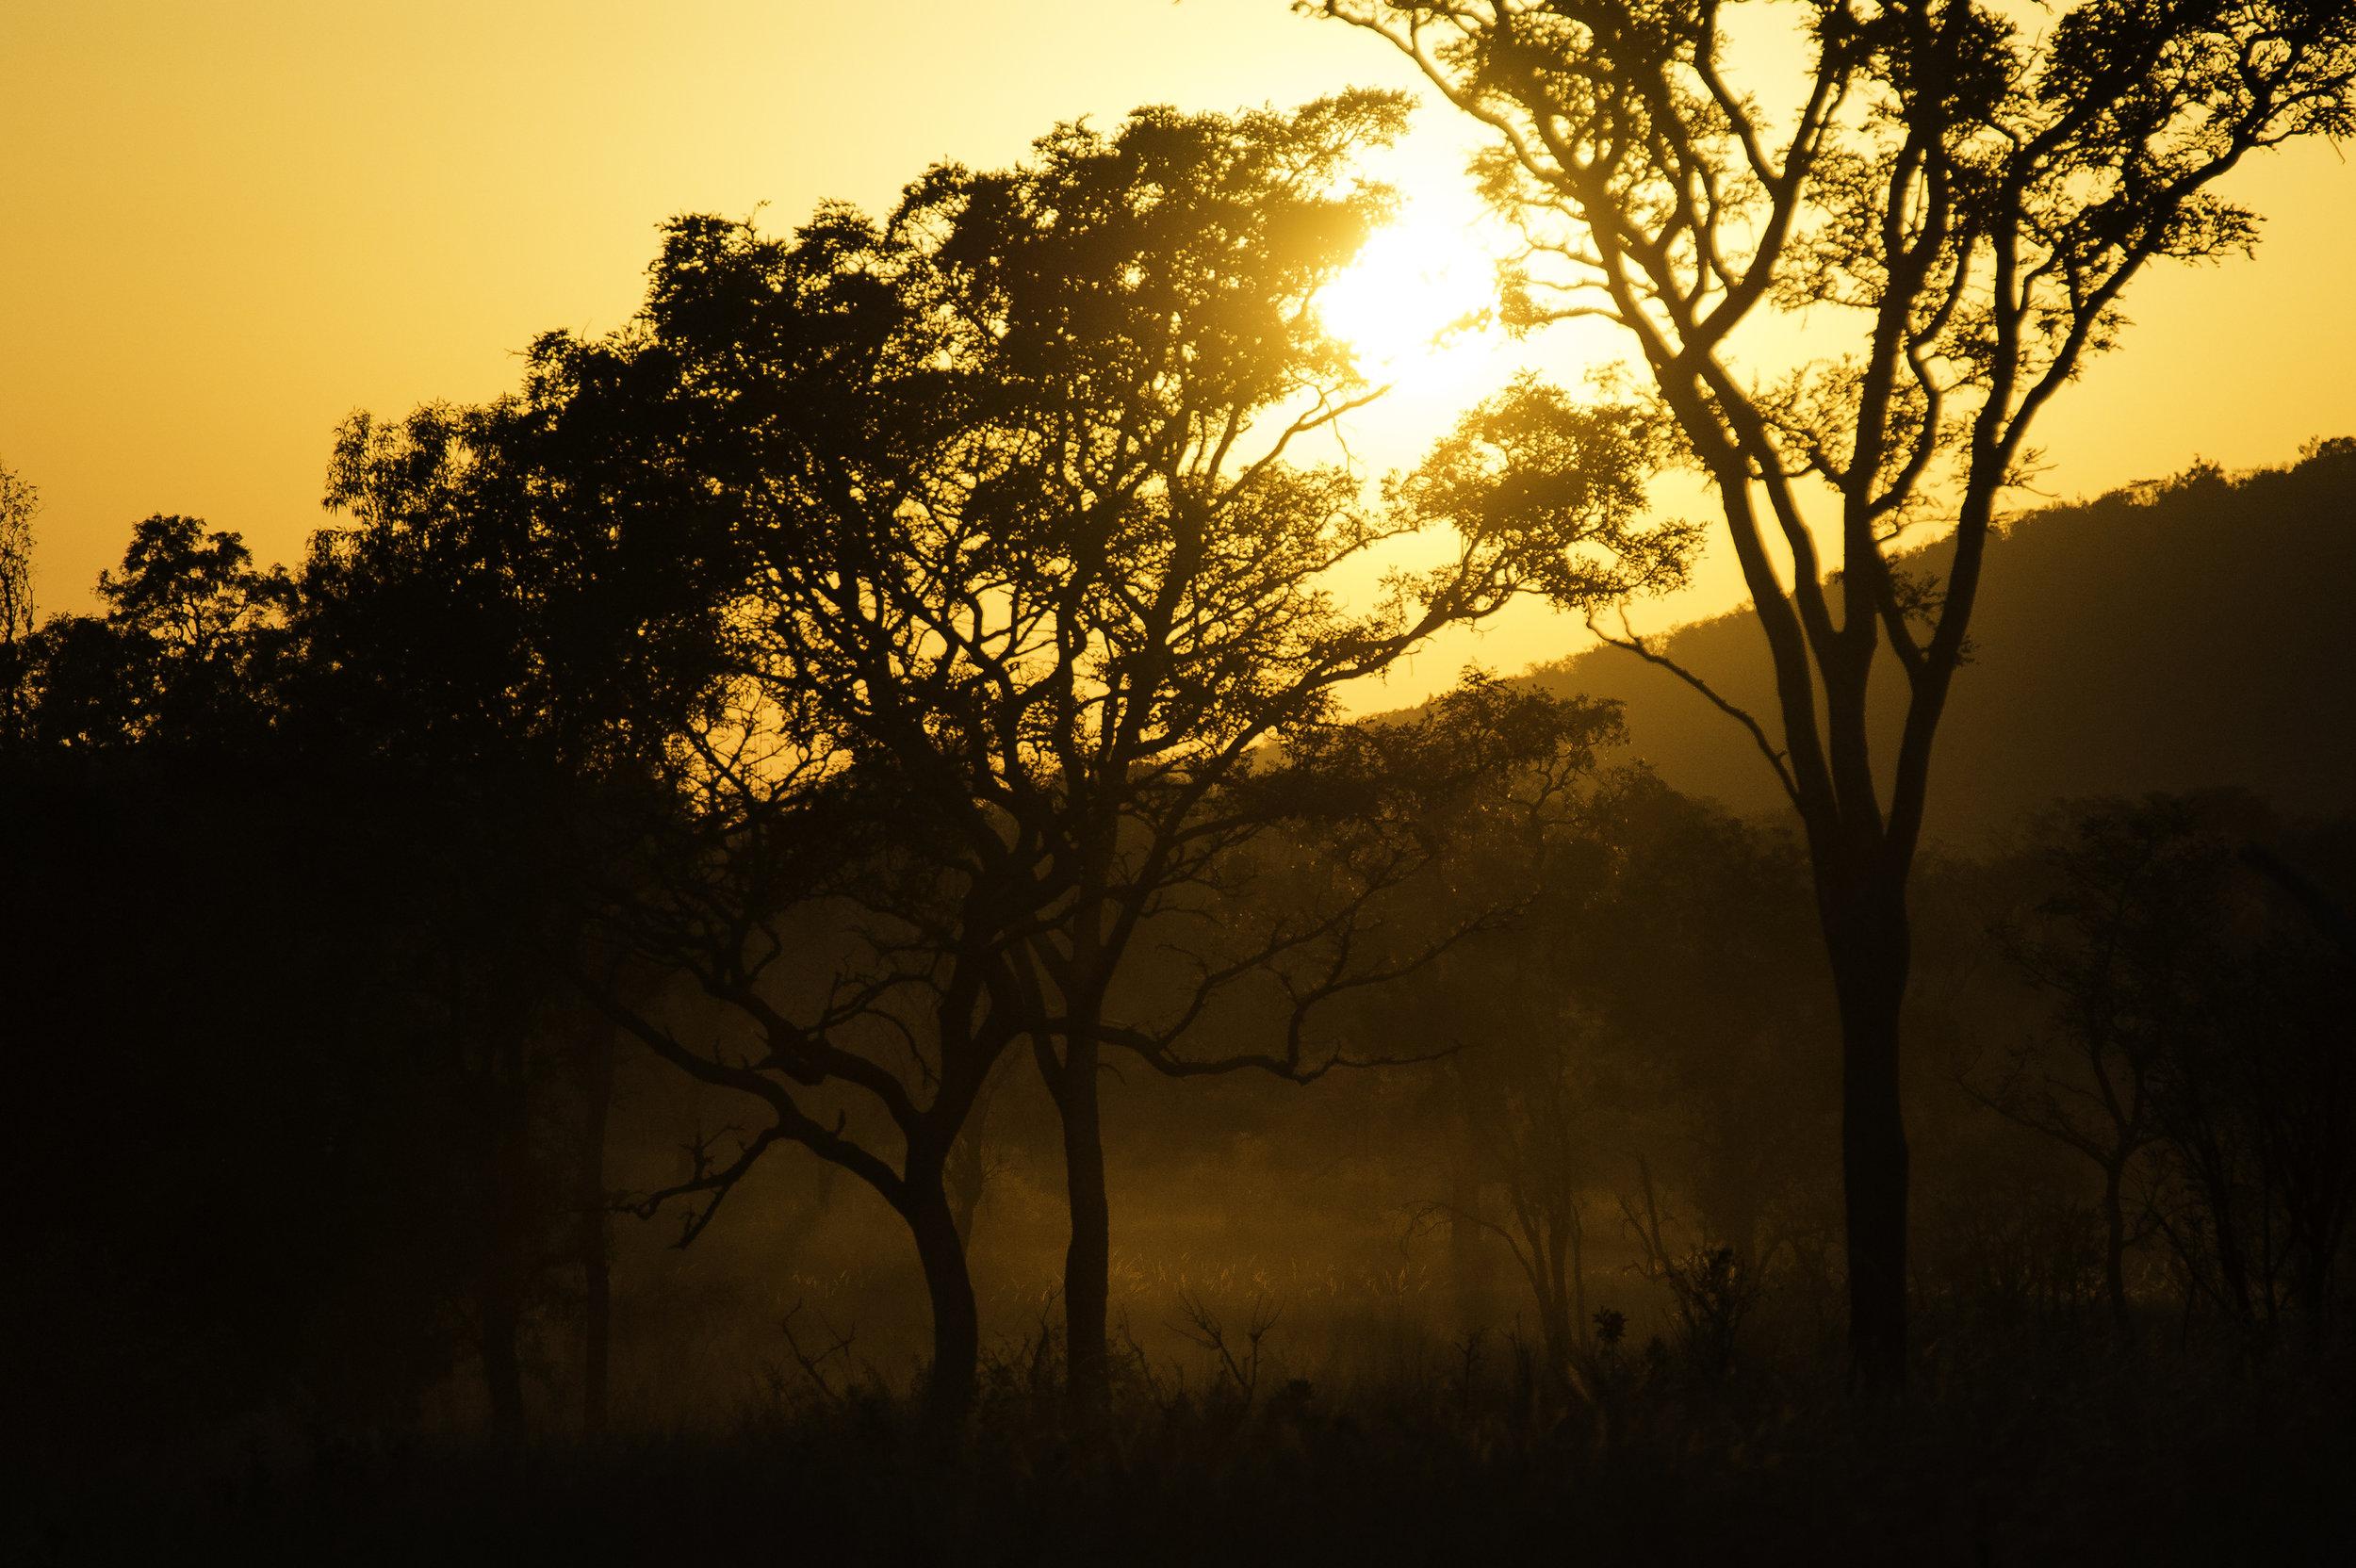 Rare Earth_Welgevonden_Sunset.jpg